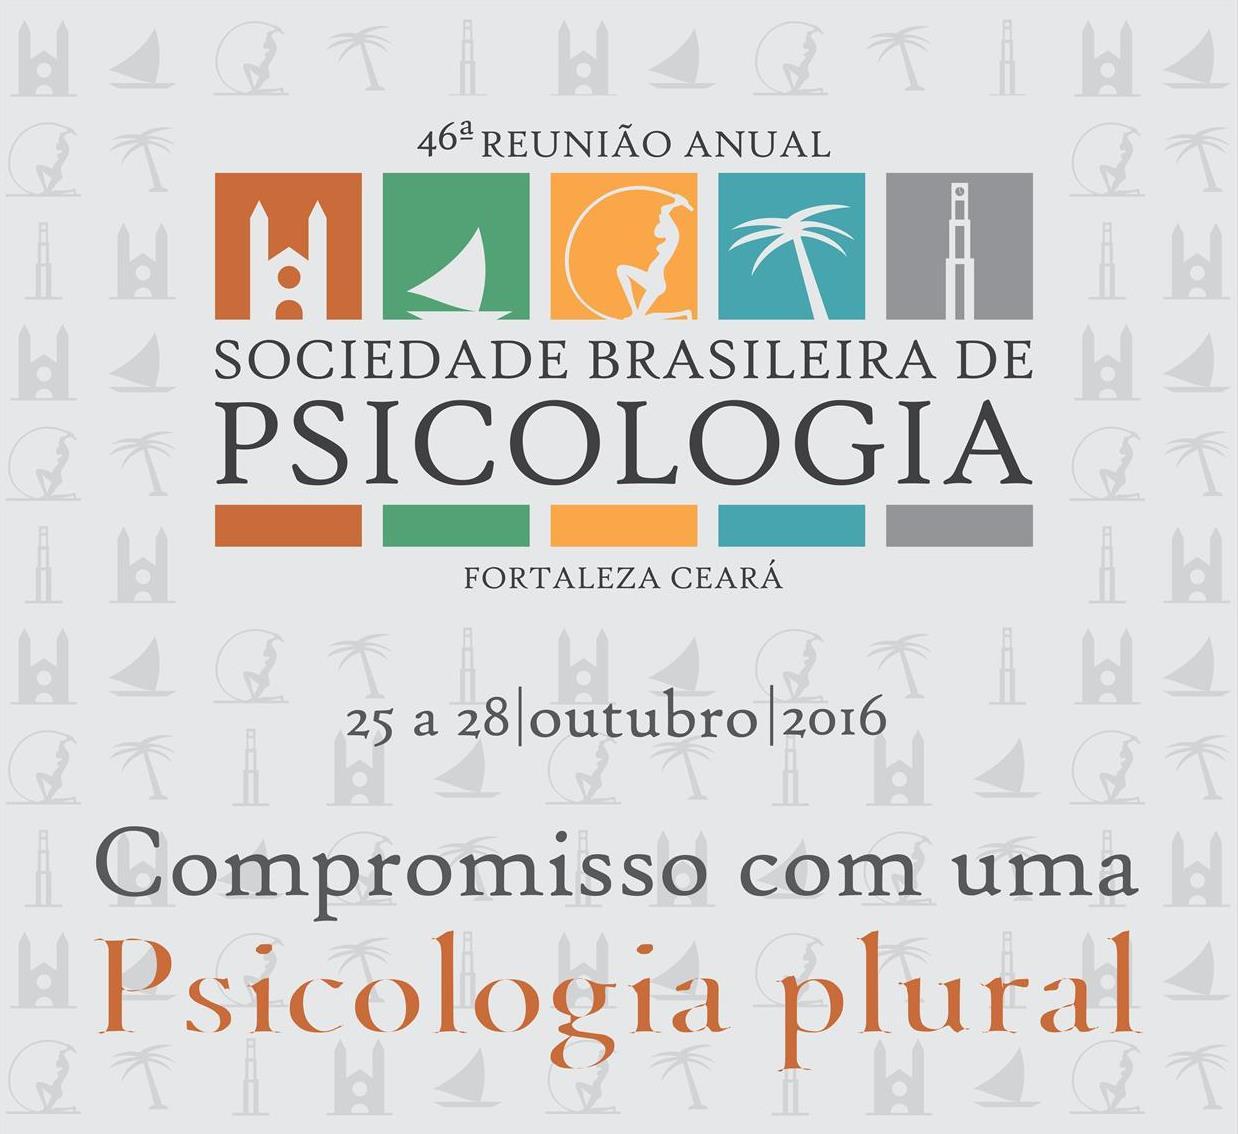 46ª Reunião Anual da Sociedade Brasileira de Psicologia